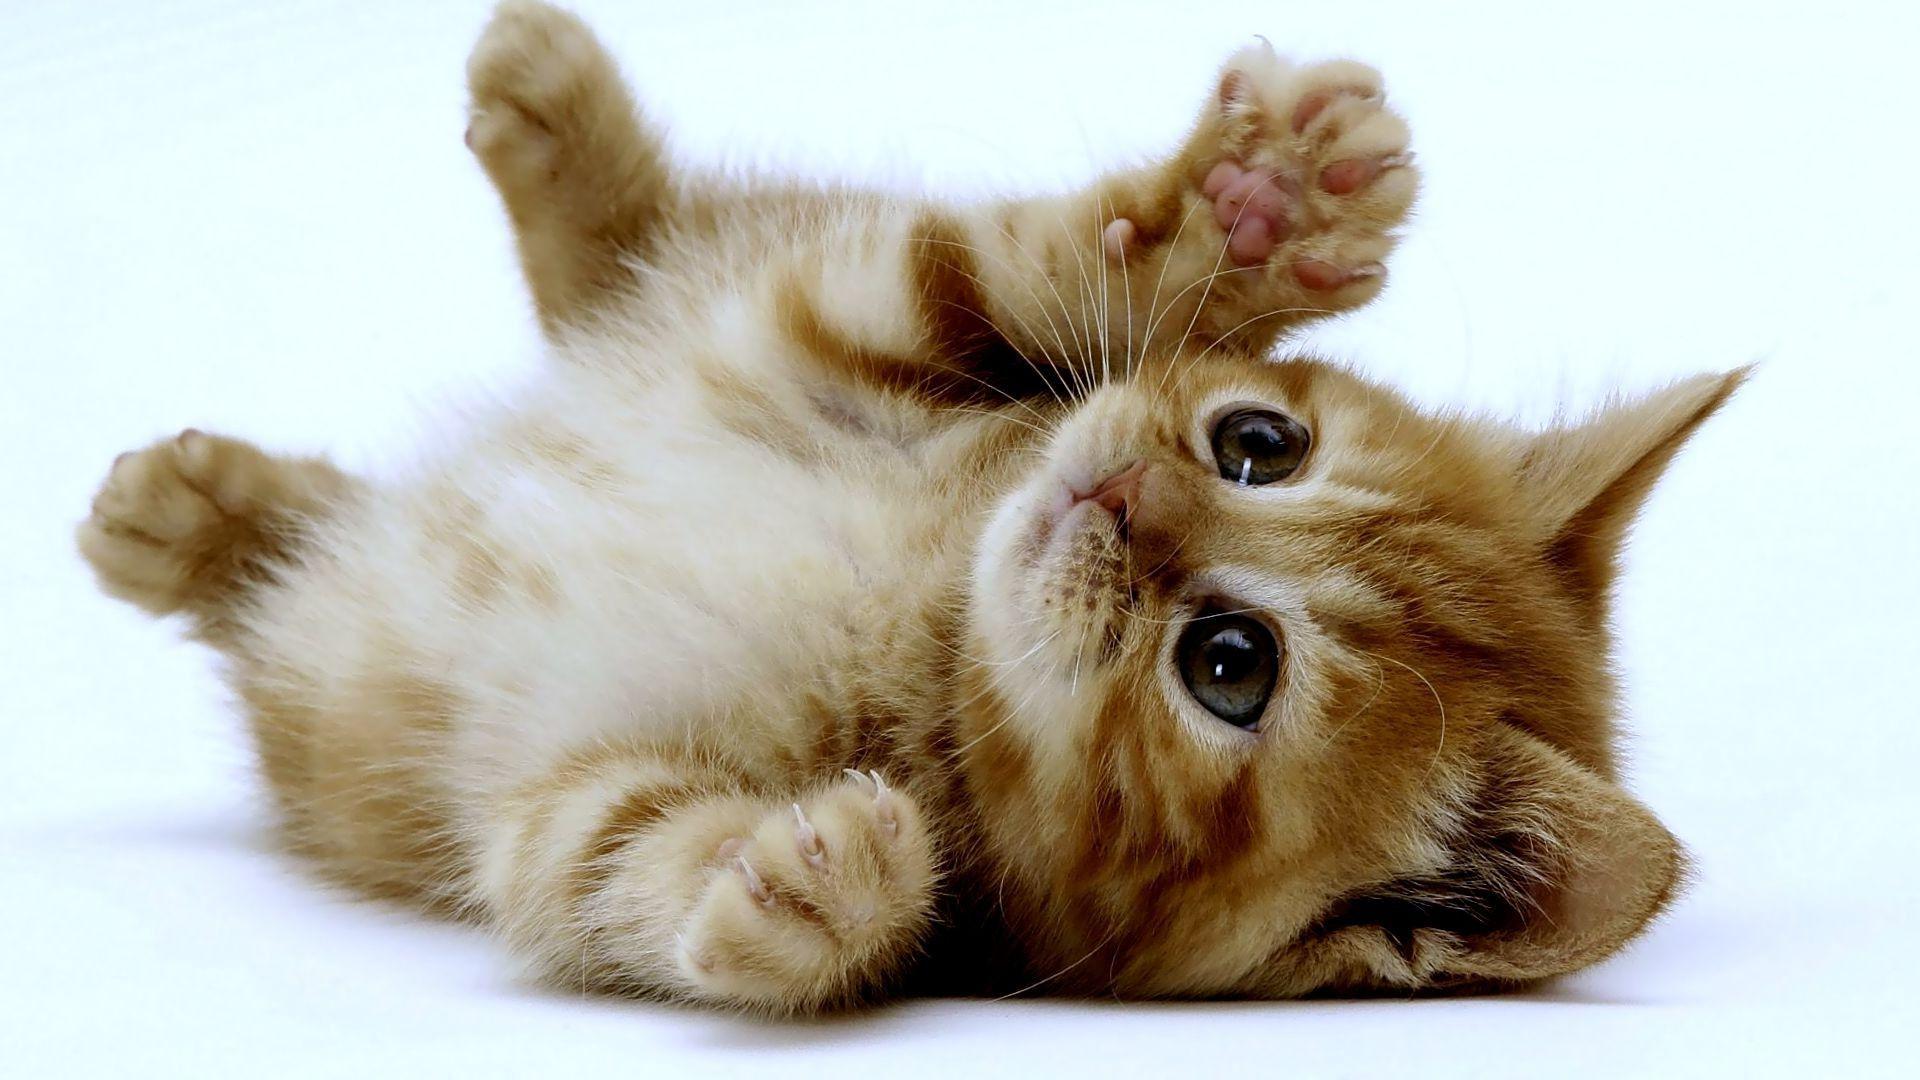 Cute Kittens 1 Wallpaper HD